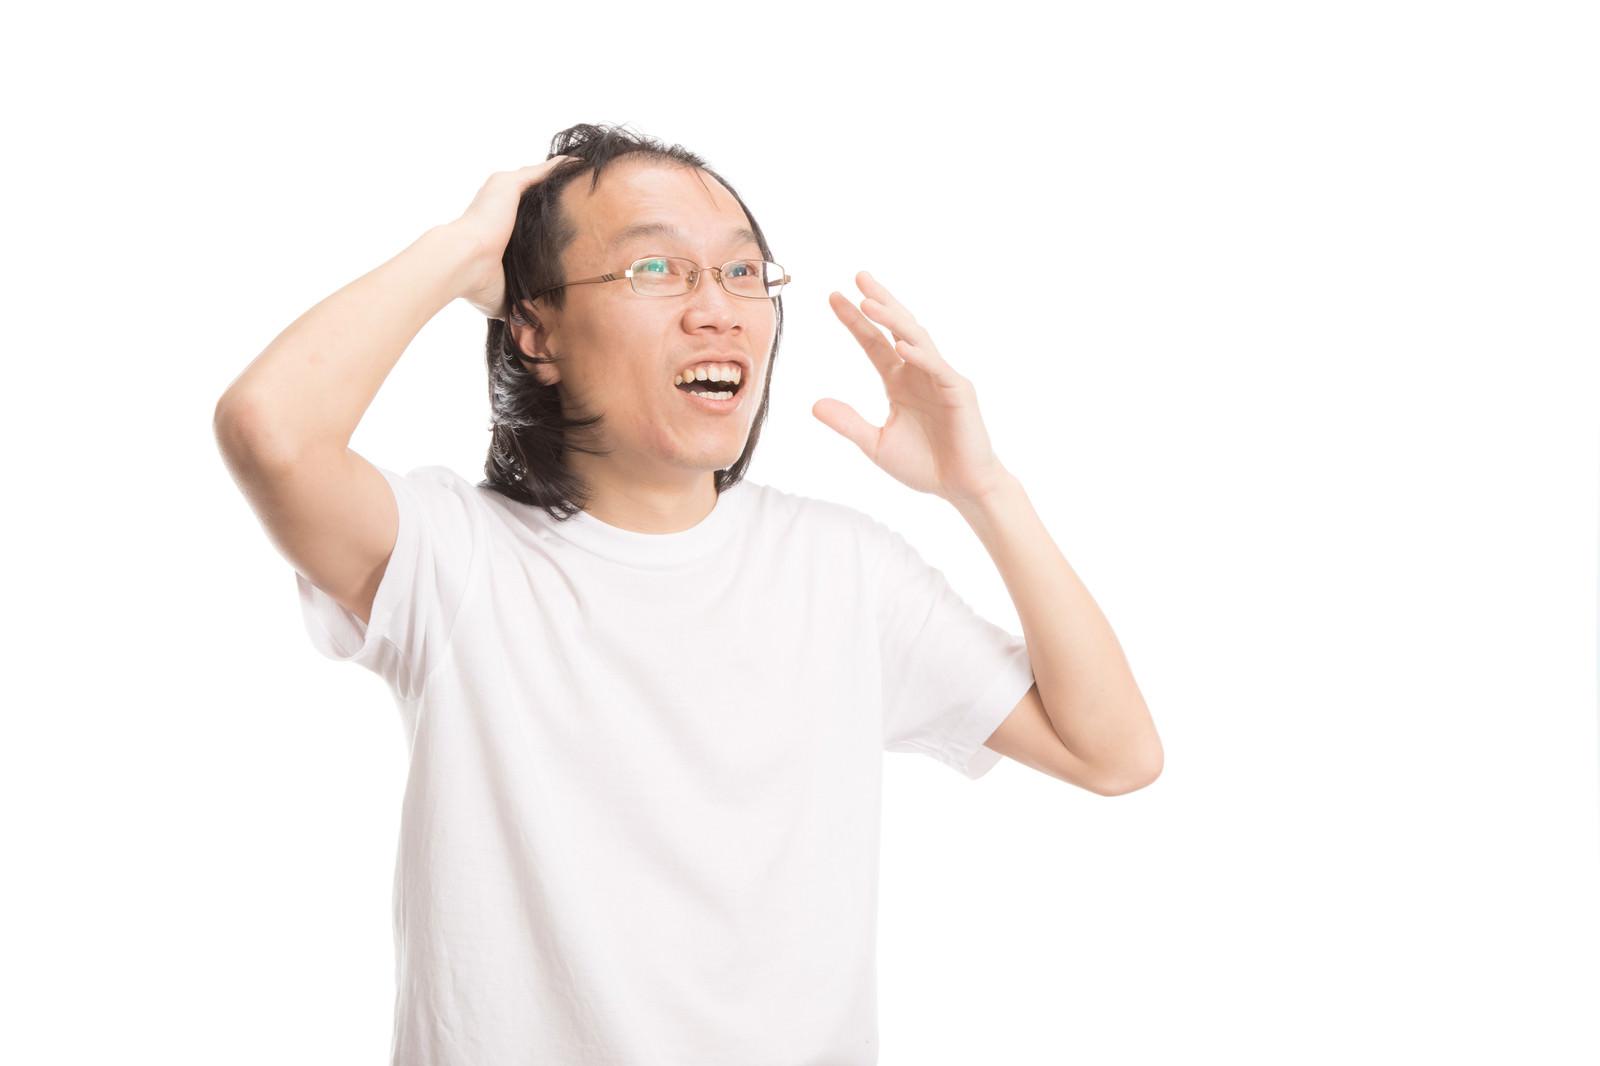 「カツラがズレて慌てる薄毛男子」の写真[モデル:サンライズ鈴木]